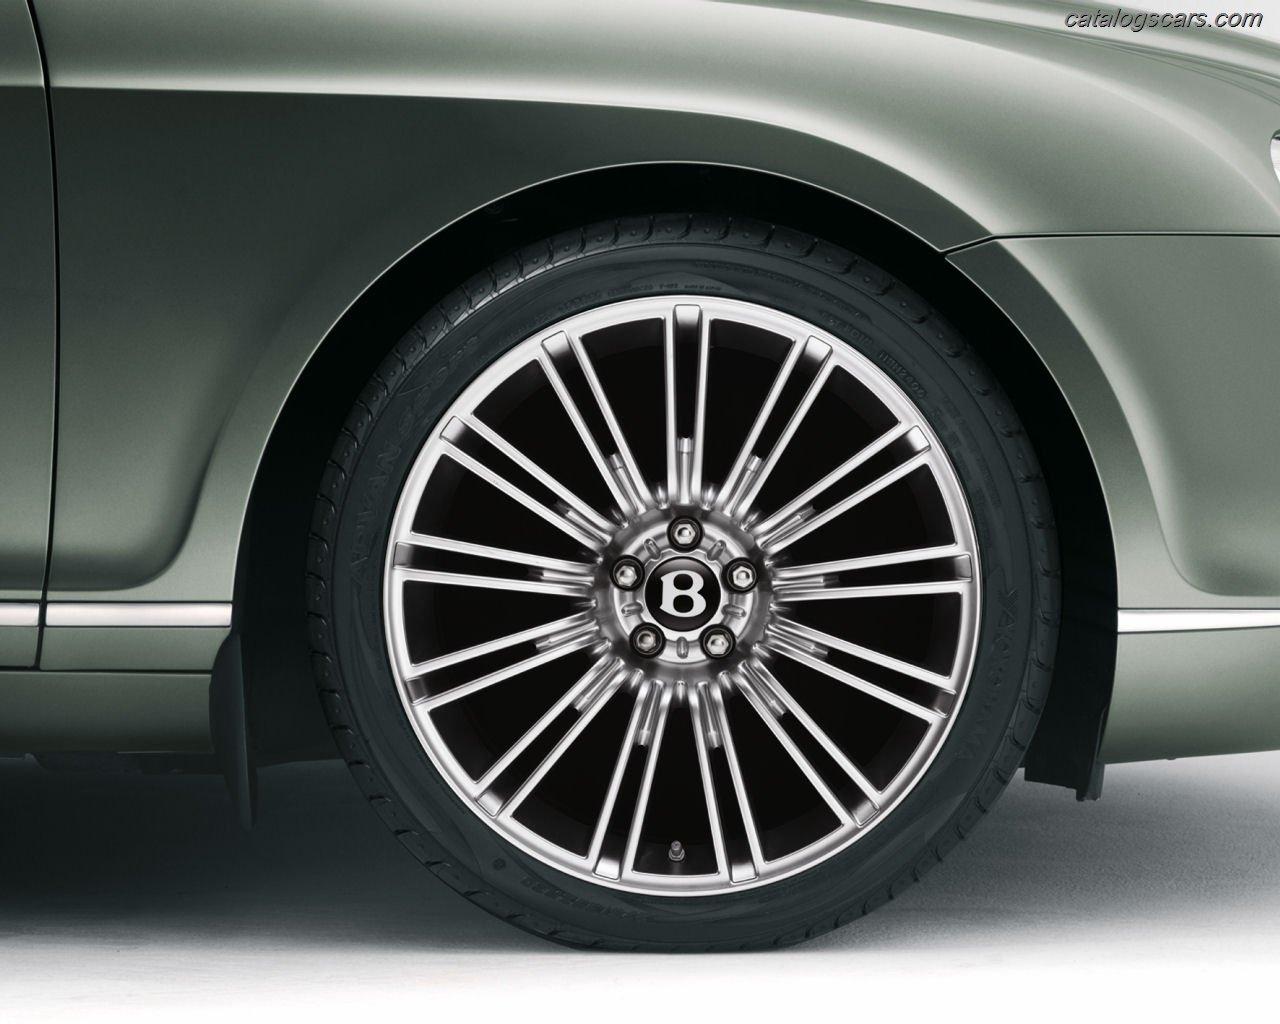 صور سيارة بنتلى كونتيننتال جى تى سى سبيد 2014 - اجمل خلفيات صور عربية بنتلى كونتيننتال جى تى سى سبيد 2014 - Bentley Continental Gtc Speed Photos Bentley-Continental-Gtc-Speed-2011-02.jpg